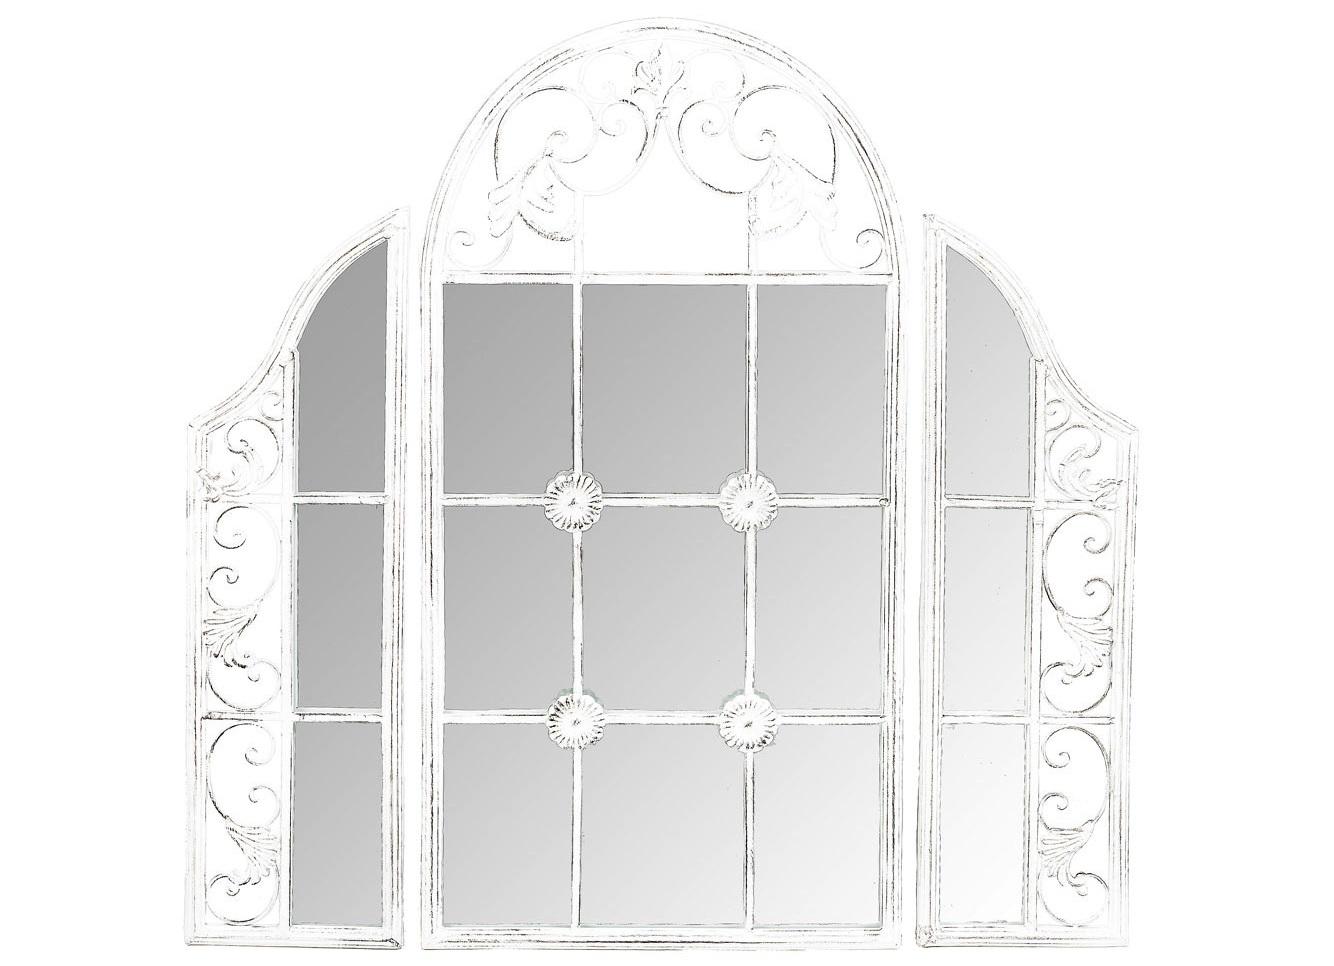 Настенное зеркало СильвестраНастенные зеркала<br>Зеркало &amp;quot;Сильвестра&amp;quot; с первого взгляда поглощает воображение, - поражает изобретательным дизайном, нарядившим ретро-трюмо в костюм ширмы и объединившим пышный дворцовый узор с японской экзотикой. Центральная грань зеркала имитирует оконную раму. Зеркальное &amp;quot;окно&amp;quot; - эффектный имидж старинного поместья, пронизанного атмосферой свежего воздуха и света. Решающую роль в этом дизайне играет кружевной орнамент: периметр зеркала украшен растительными узорами, выточенными с ювелирной меткостью.<br><br>Material: Металл<br>Width см: 85<br>Depth см: 2<br>Height см: 85.5